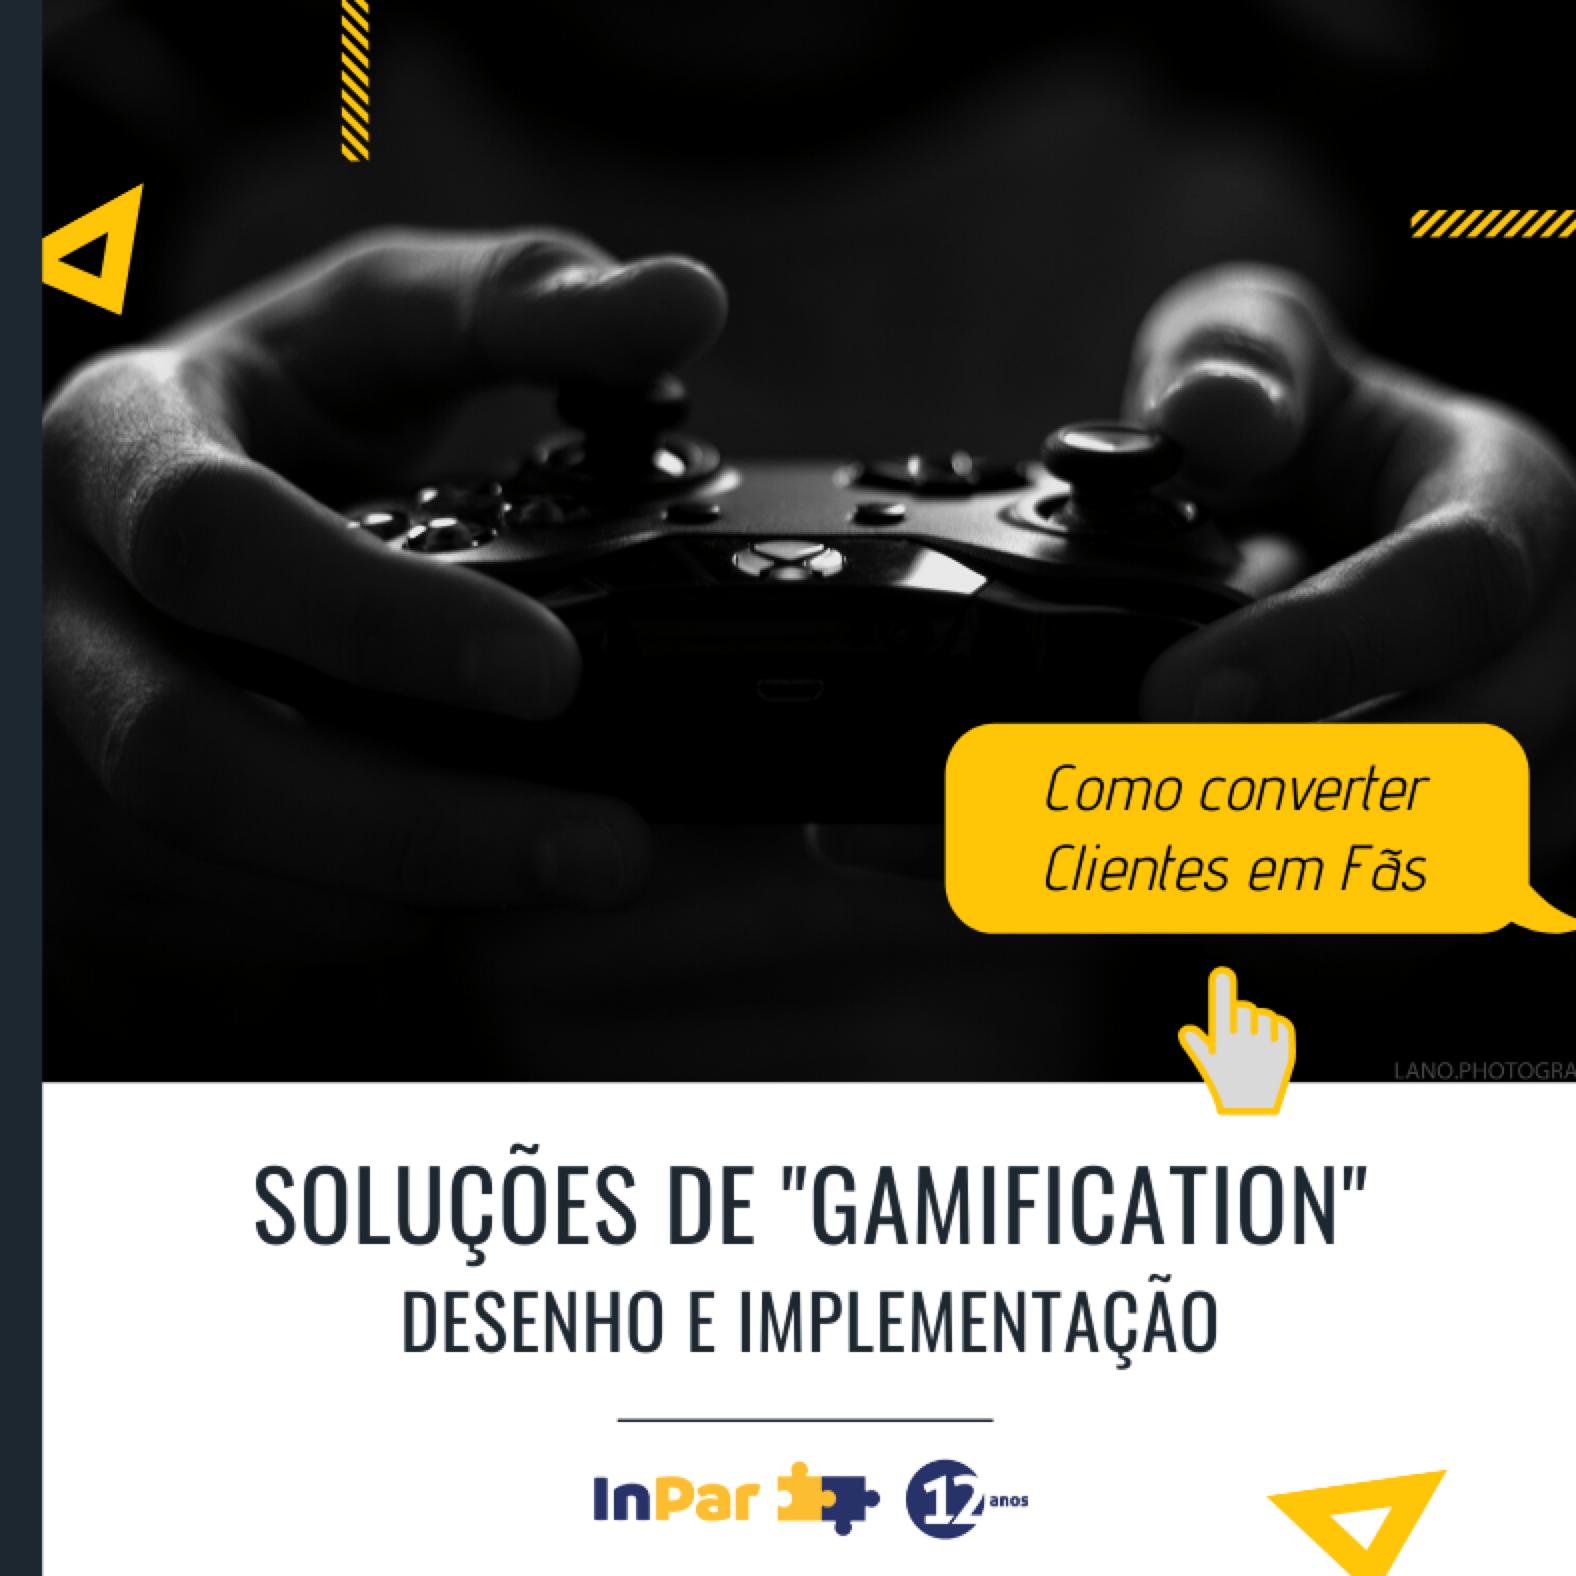 Soluções de Gamification